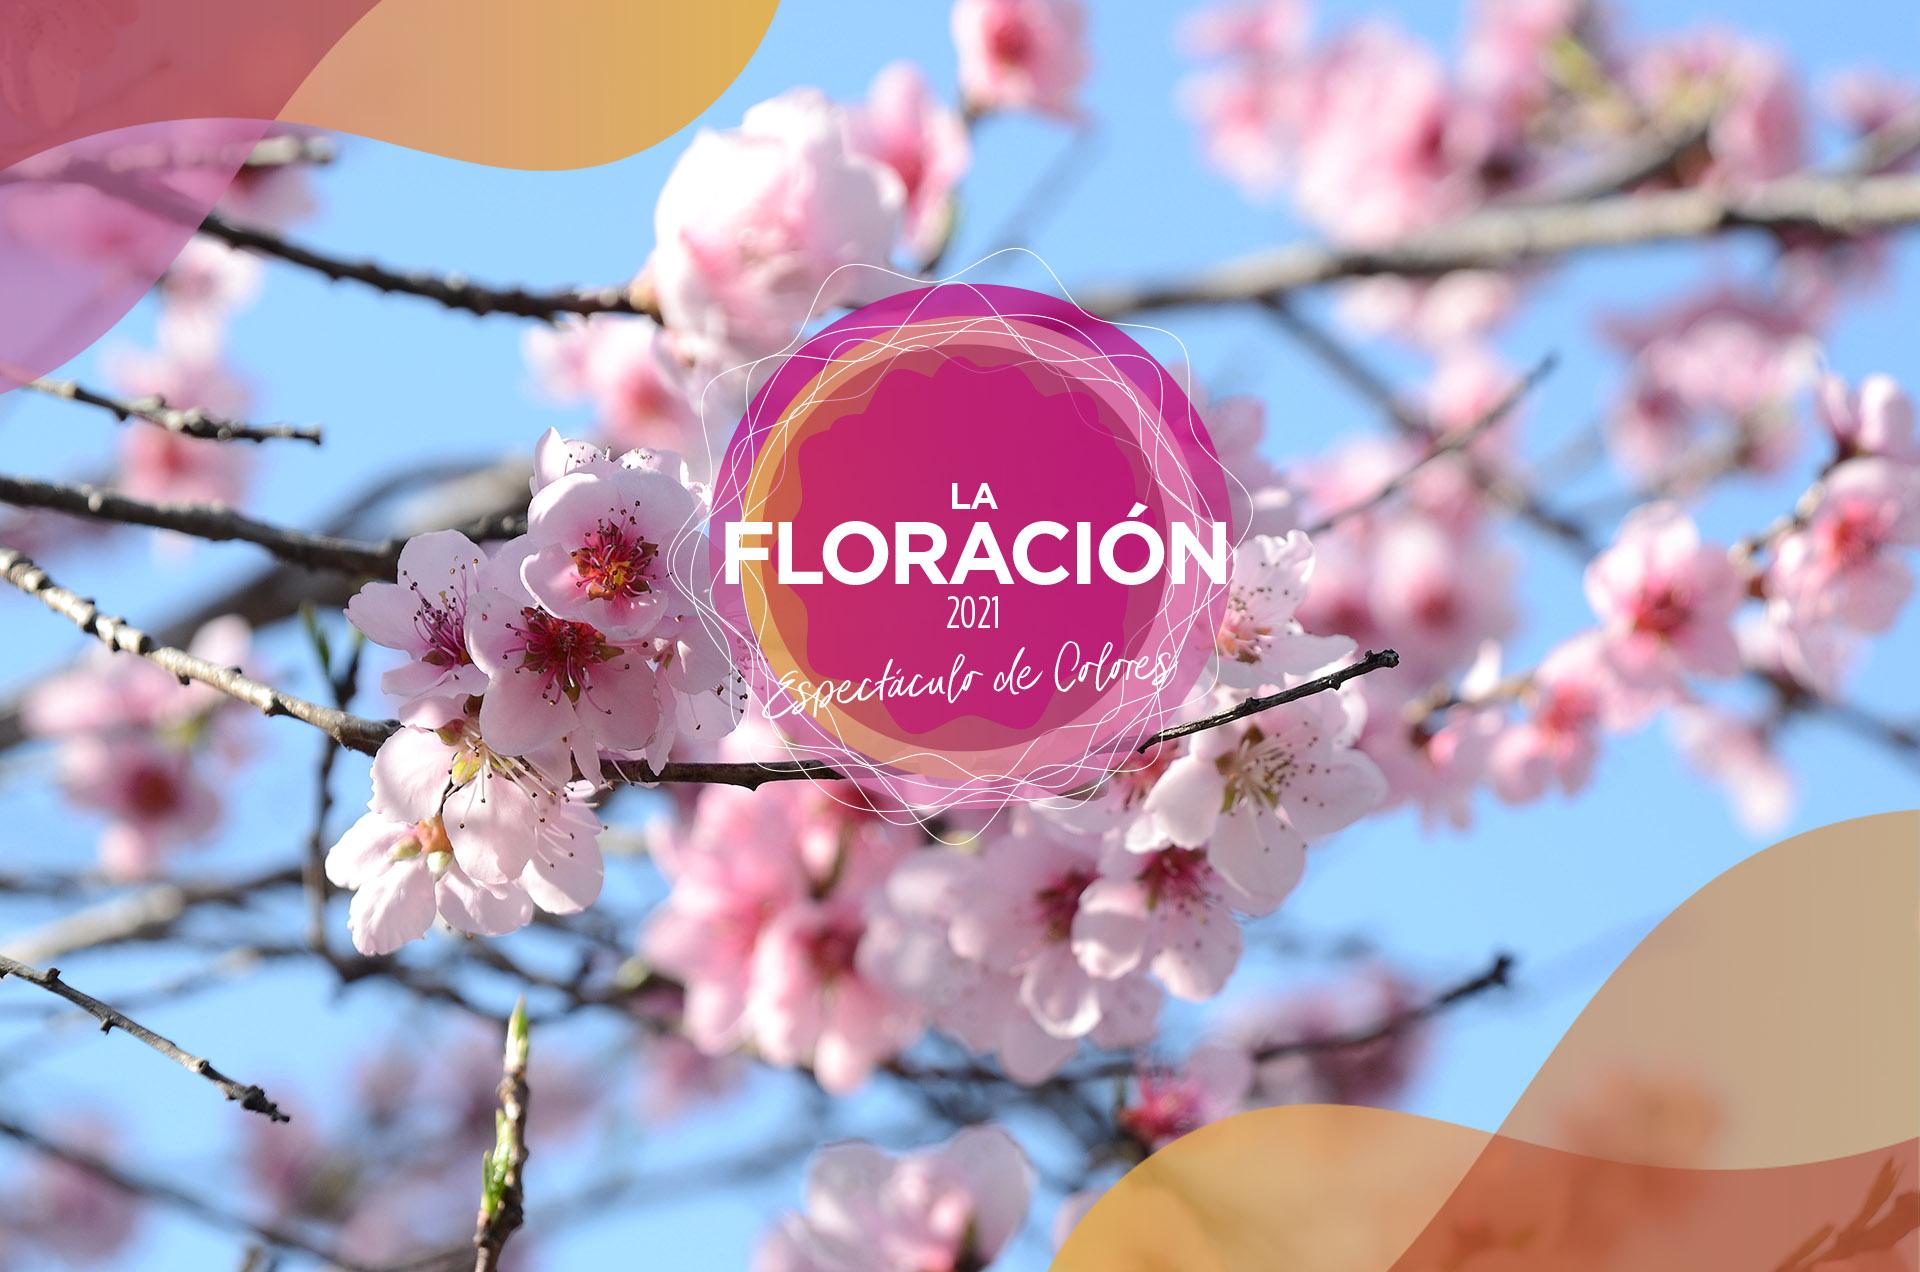 La floració 2021 ESP